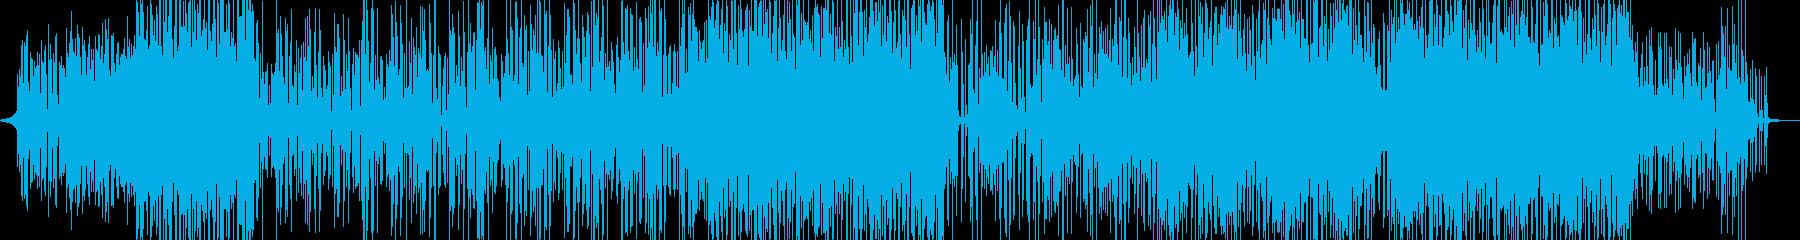 ゆるく賑やか・コミカルなレゲェ 短尺の再生済みの波形